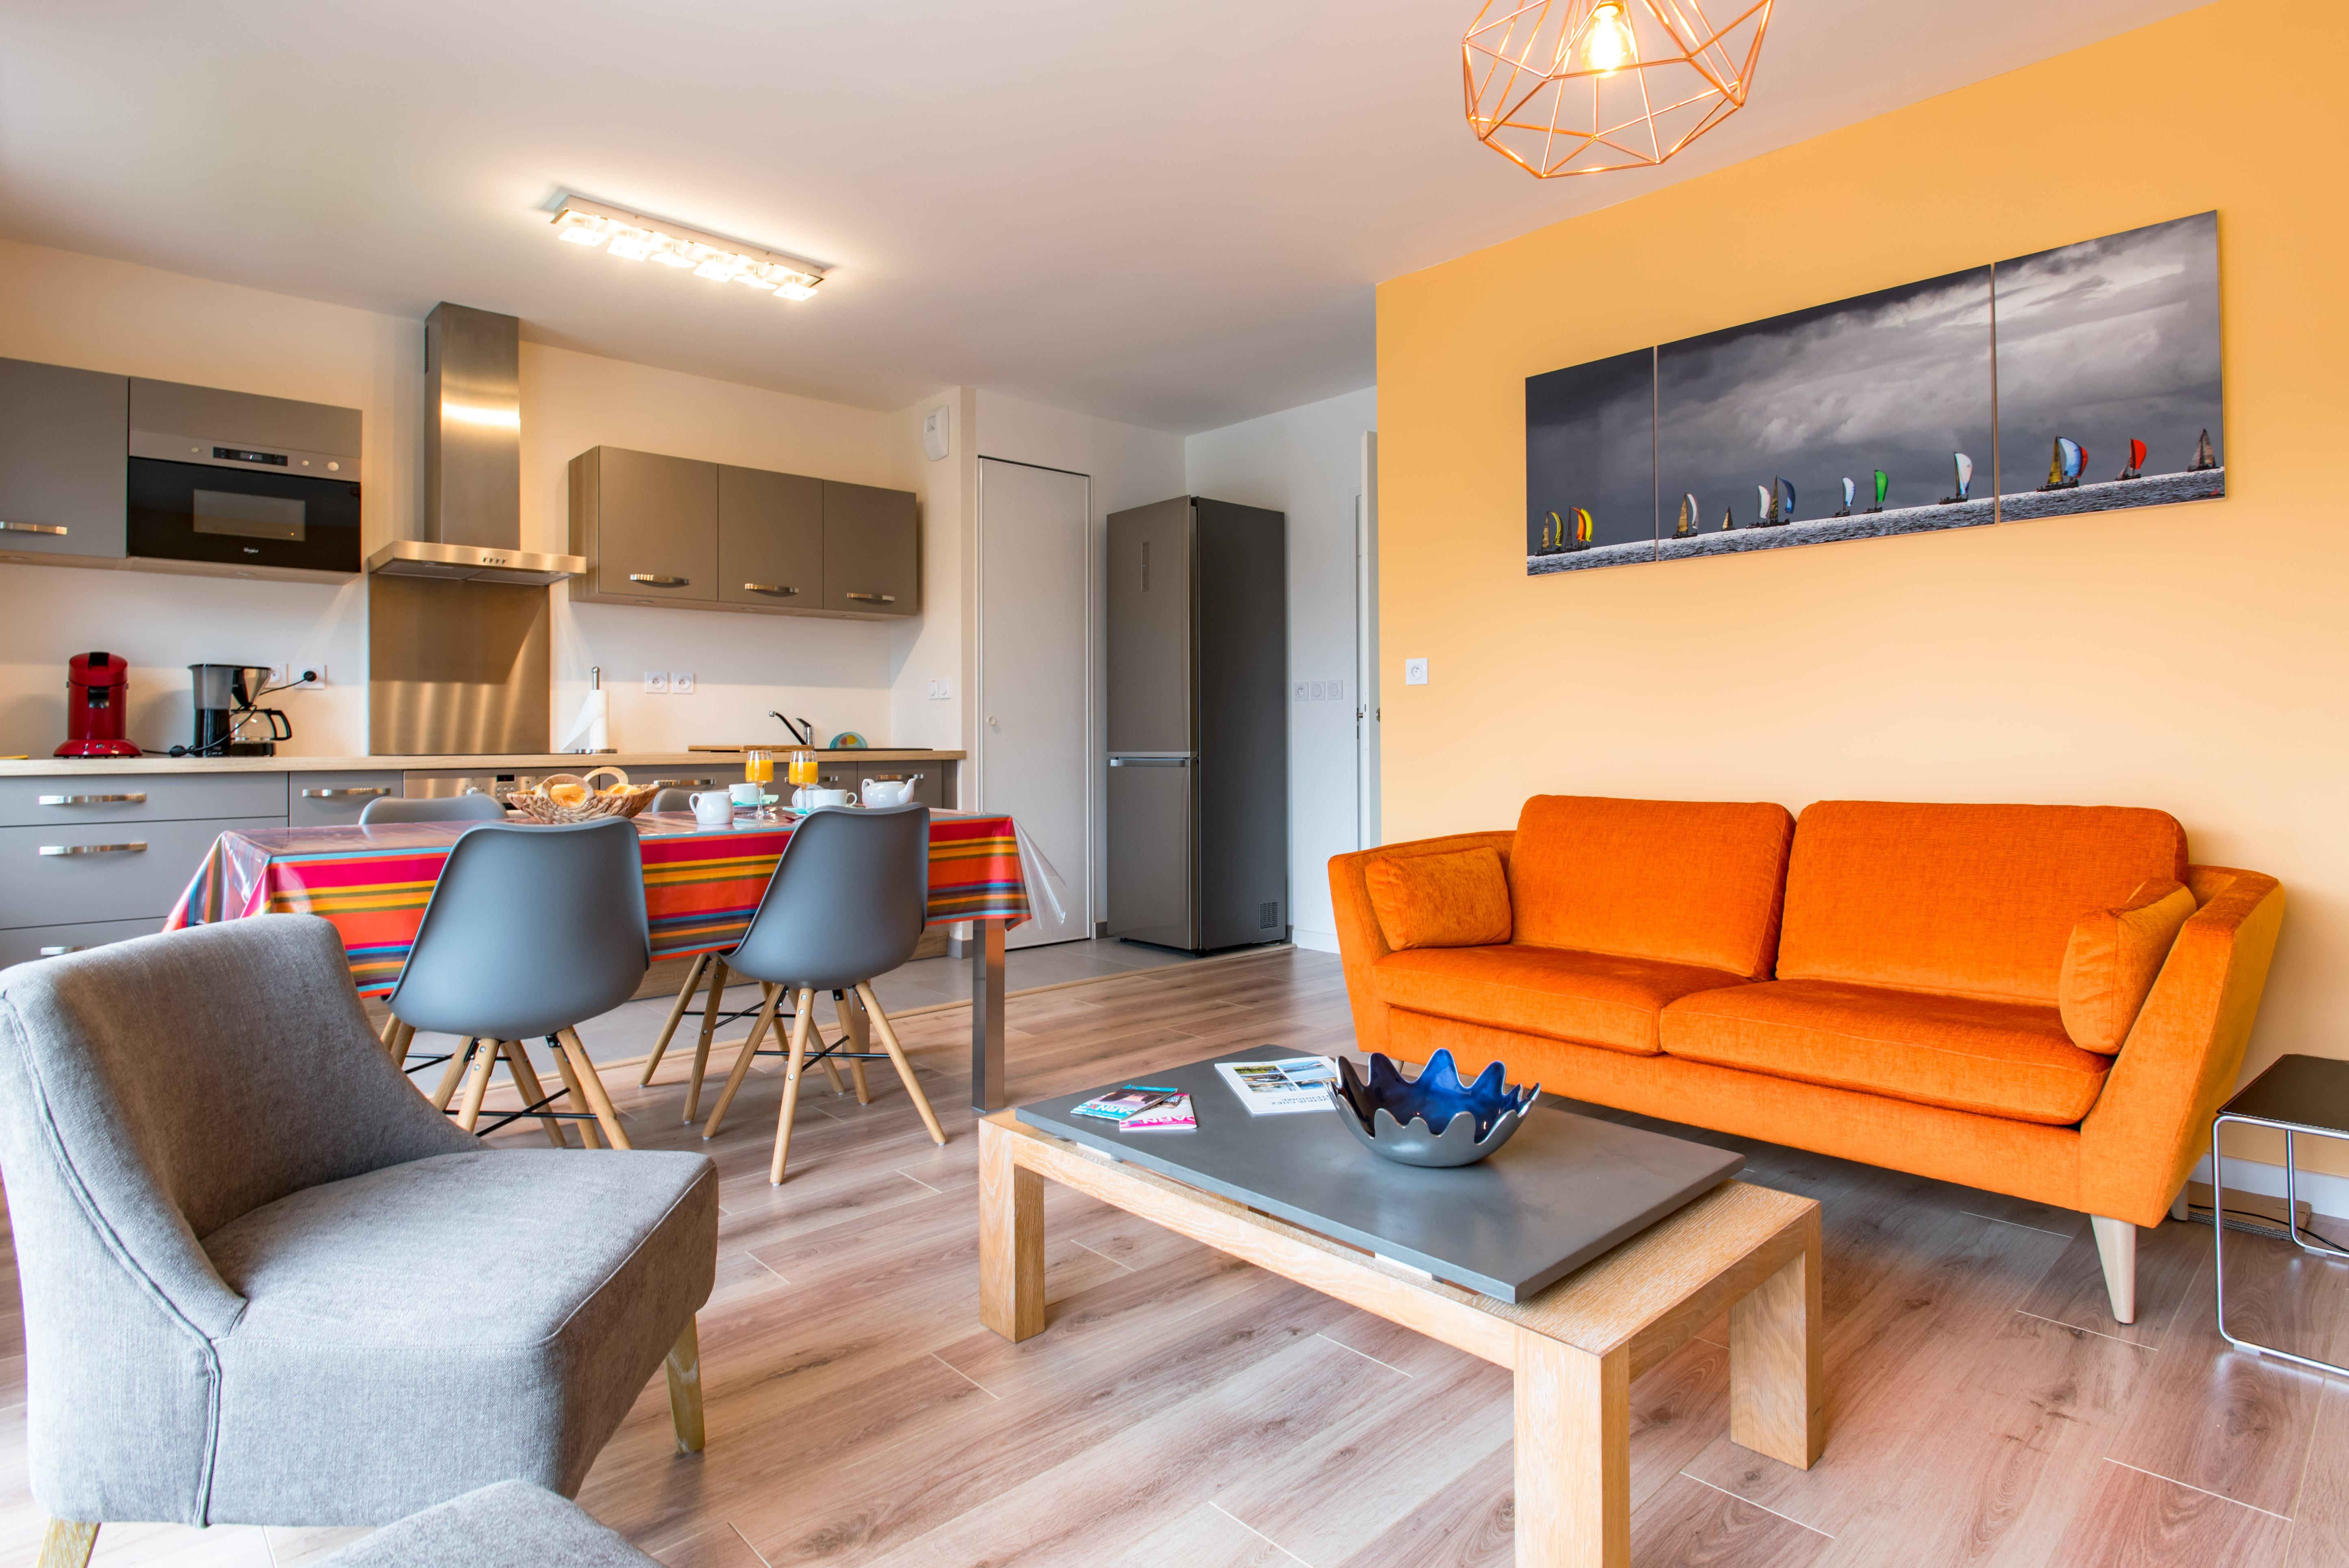 bettdecken migros chefdeals bettw sche schlafzimmer voglauer kopfkissen 60x70 klein wo kann man. Black Bedroom Furniture Sets. Home Design Ideas